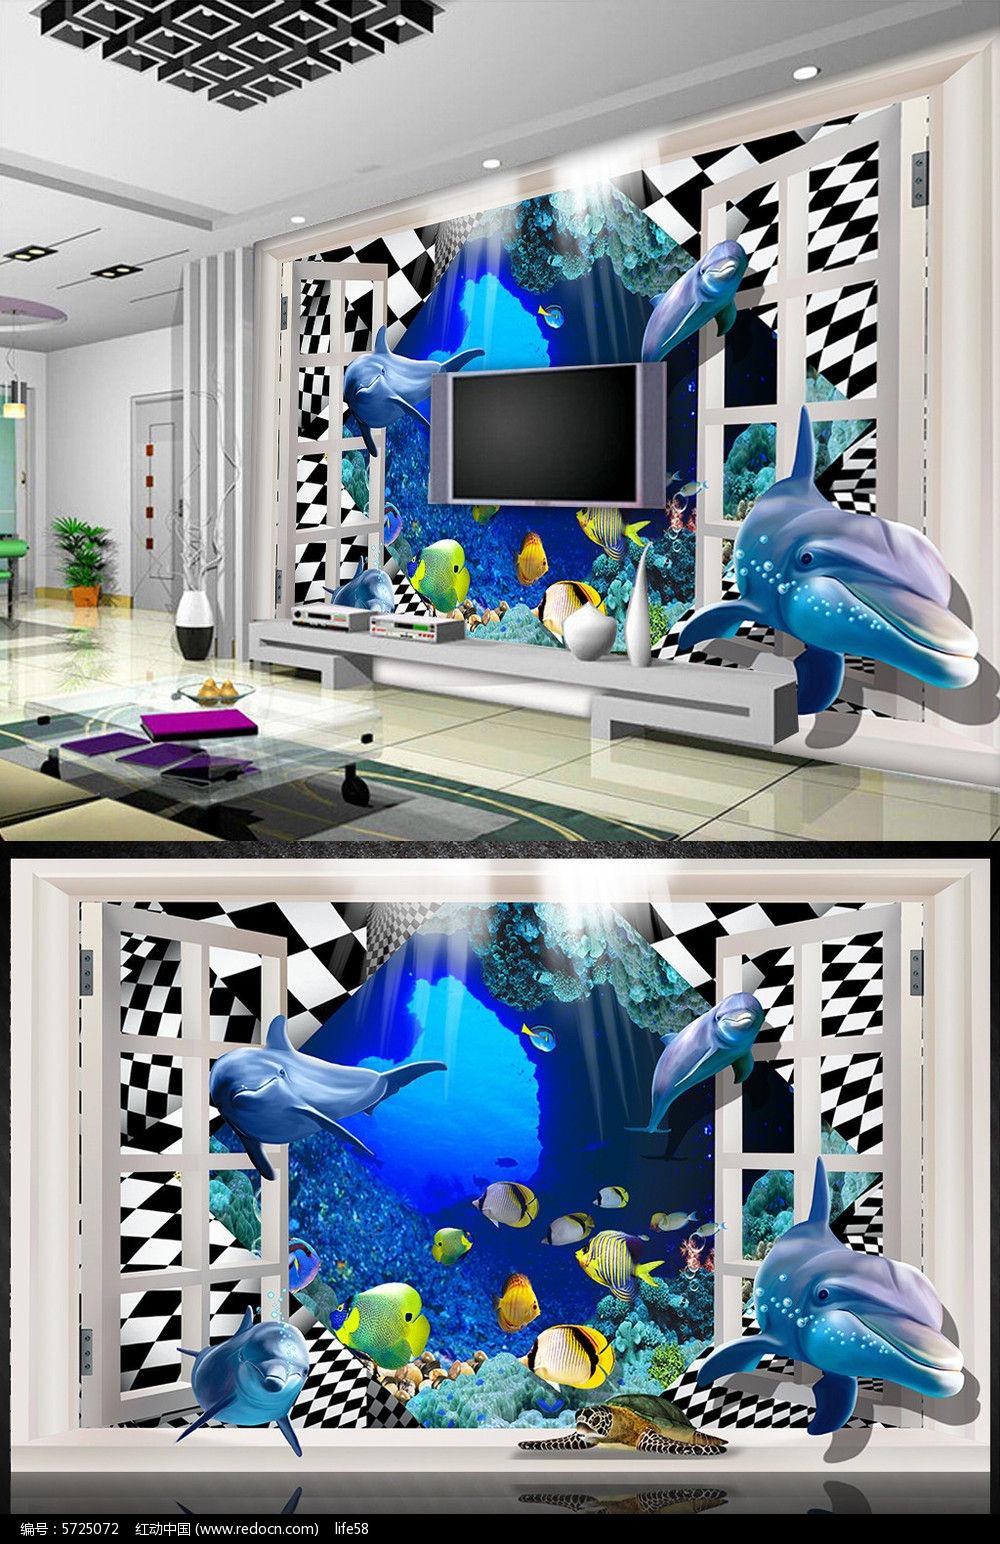 鲨鱼 鲸 热带鱼 珊瑚 水族馆 背景墙装饰画 壁画 墙画 壁纸 墙纸 欧式